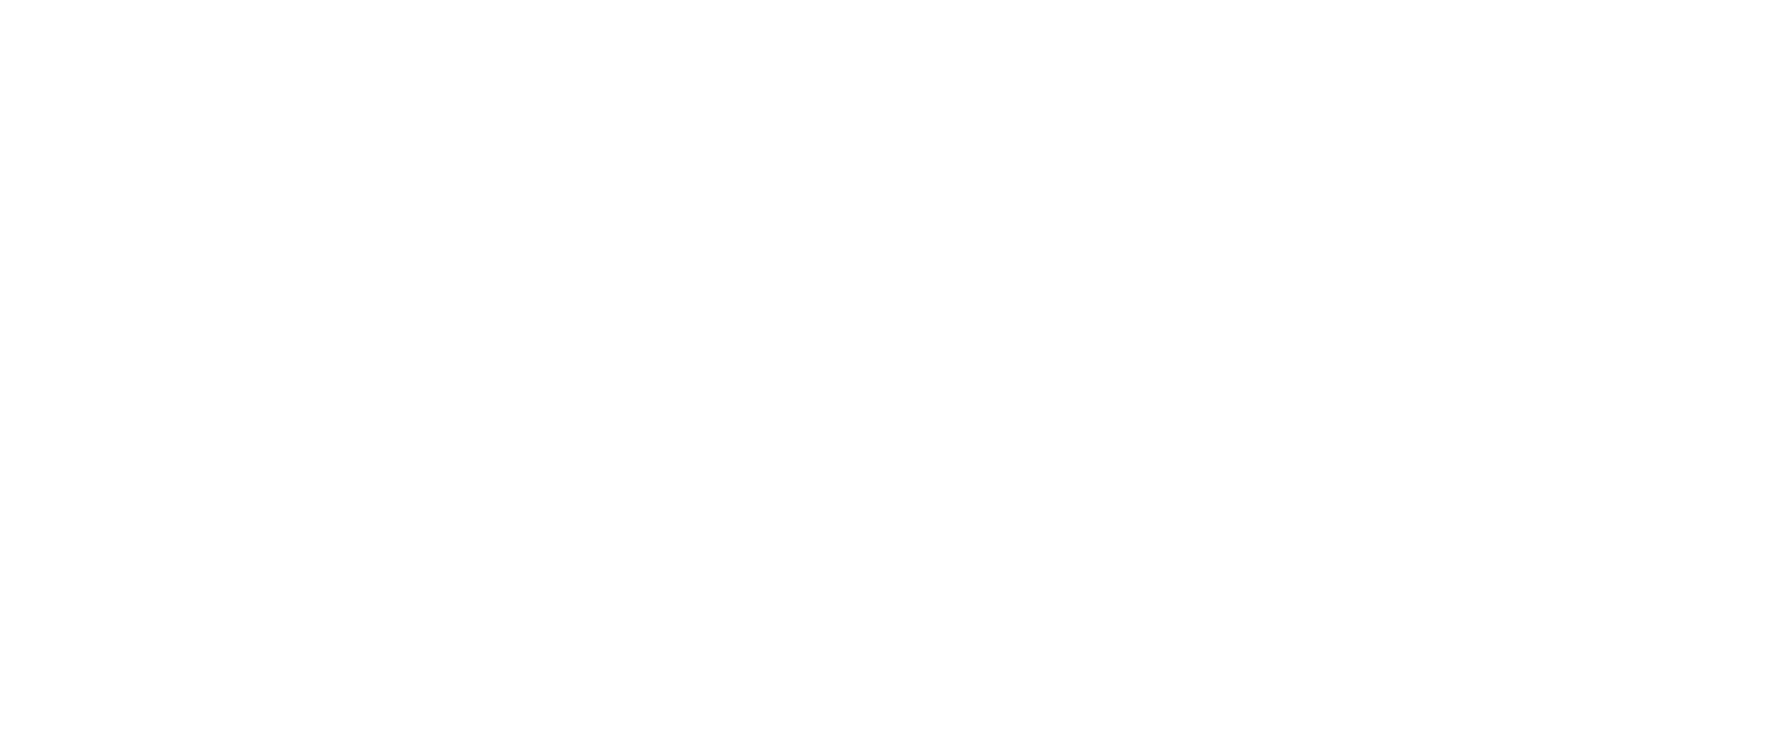 Caleidonomics